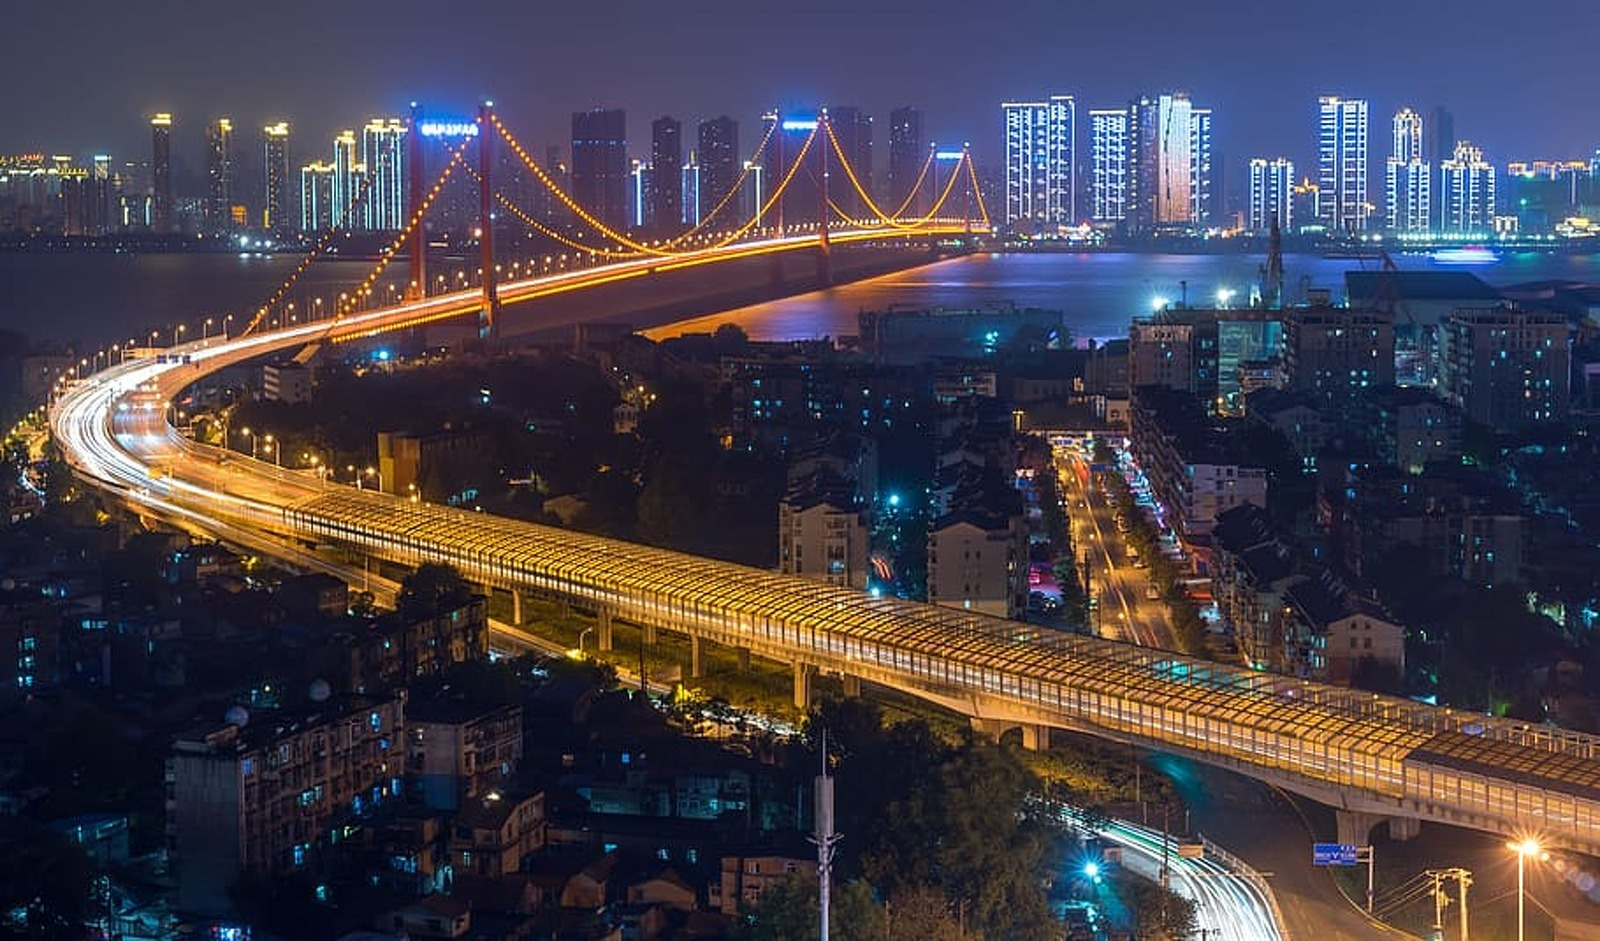 La ciutat xinesa de Wuhan, on s'ha originat la malaltia